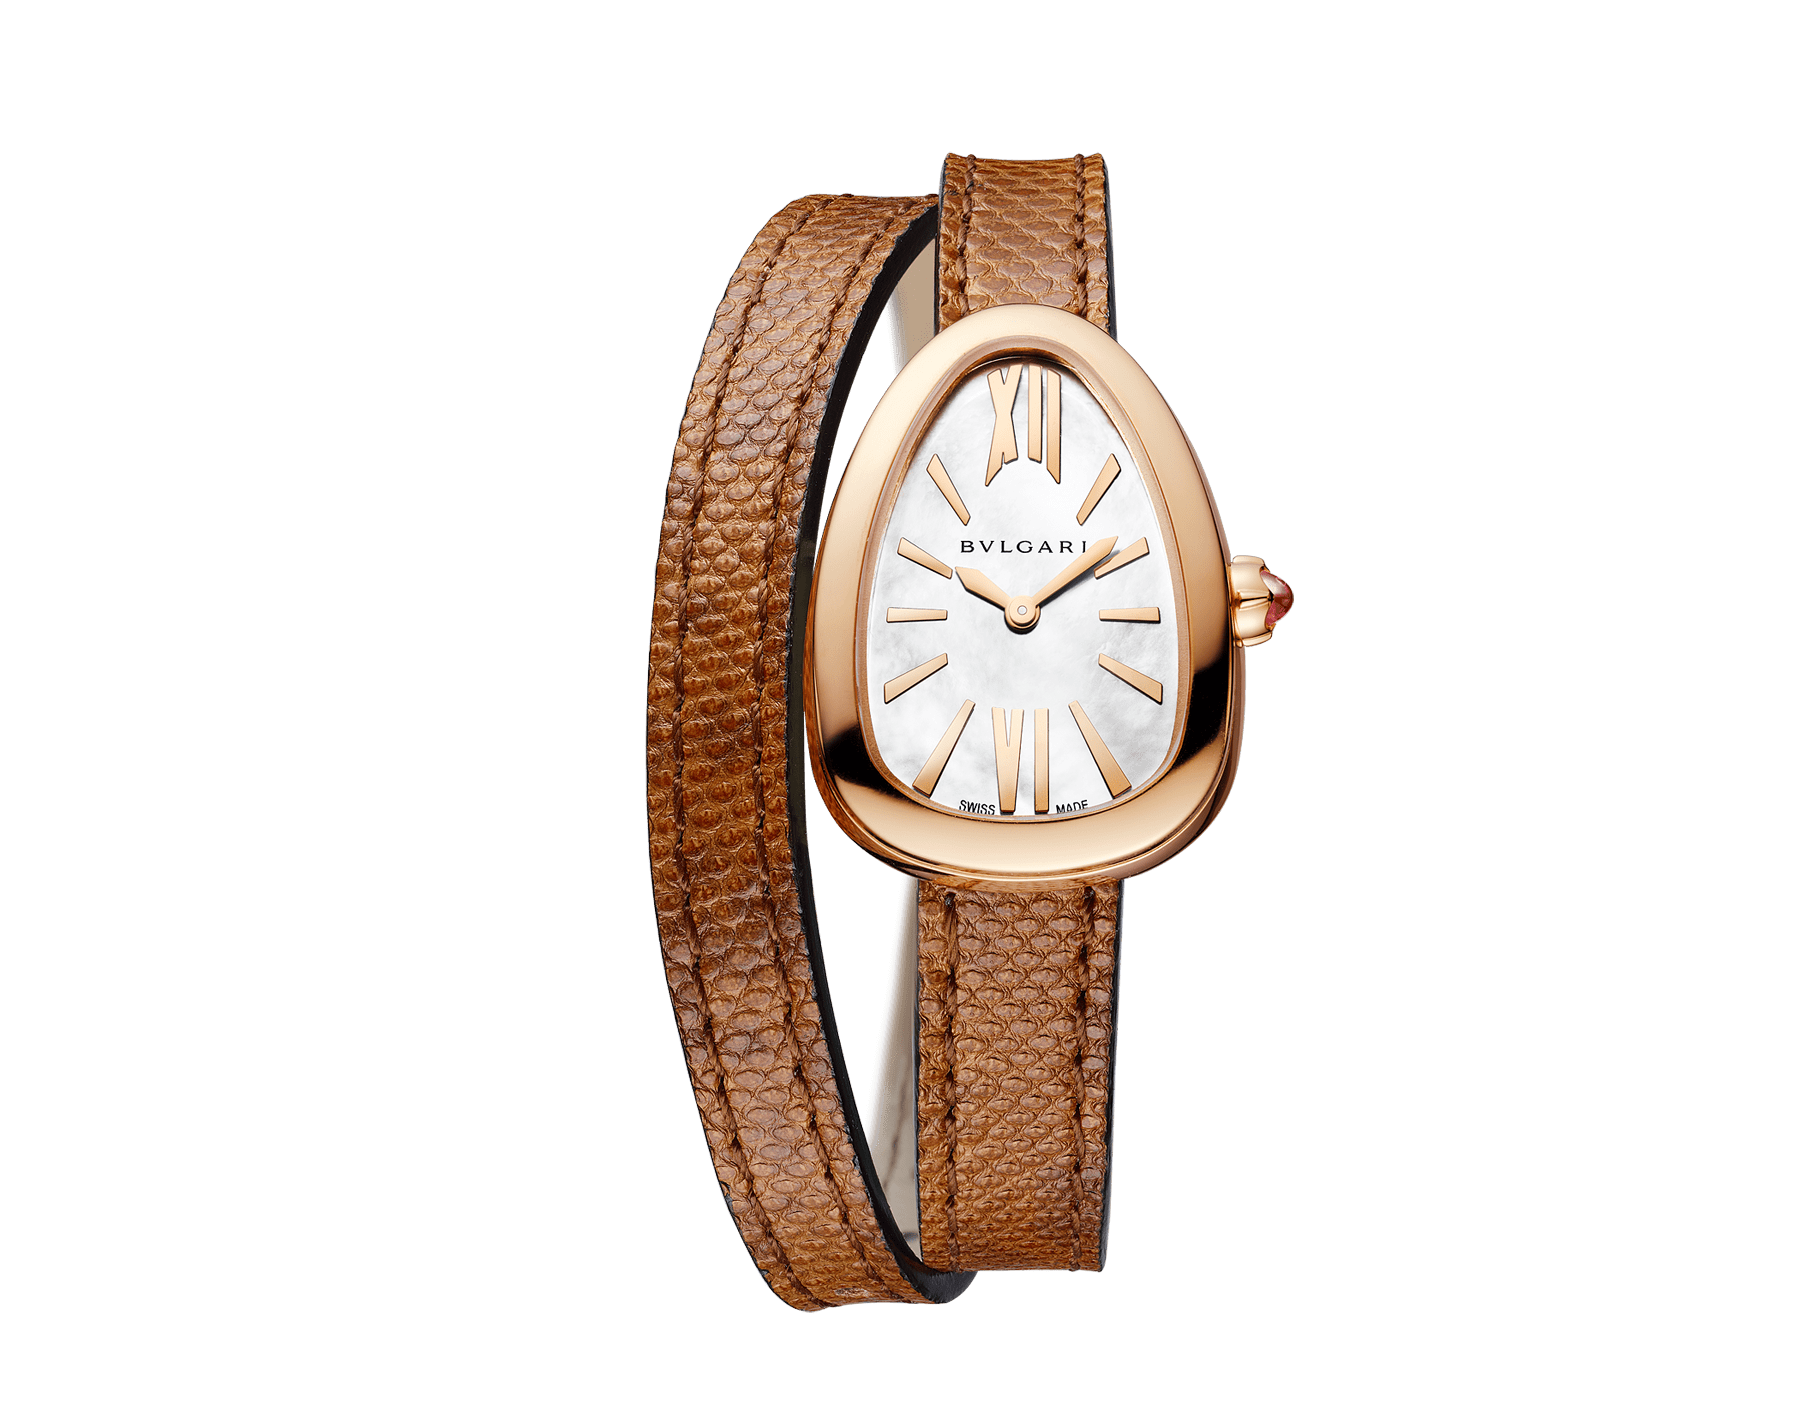 Serpenti Uhr mit Gehäuse aus 18Karat Roségold, weißem Perlmuttzifferblatt und austauschbarem doppelt geschwungenem Armband aus braunem Karungleder 102919 image 1